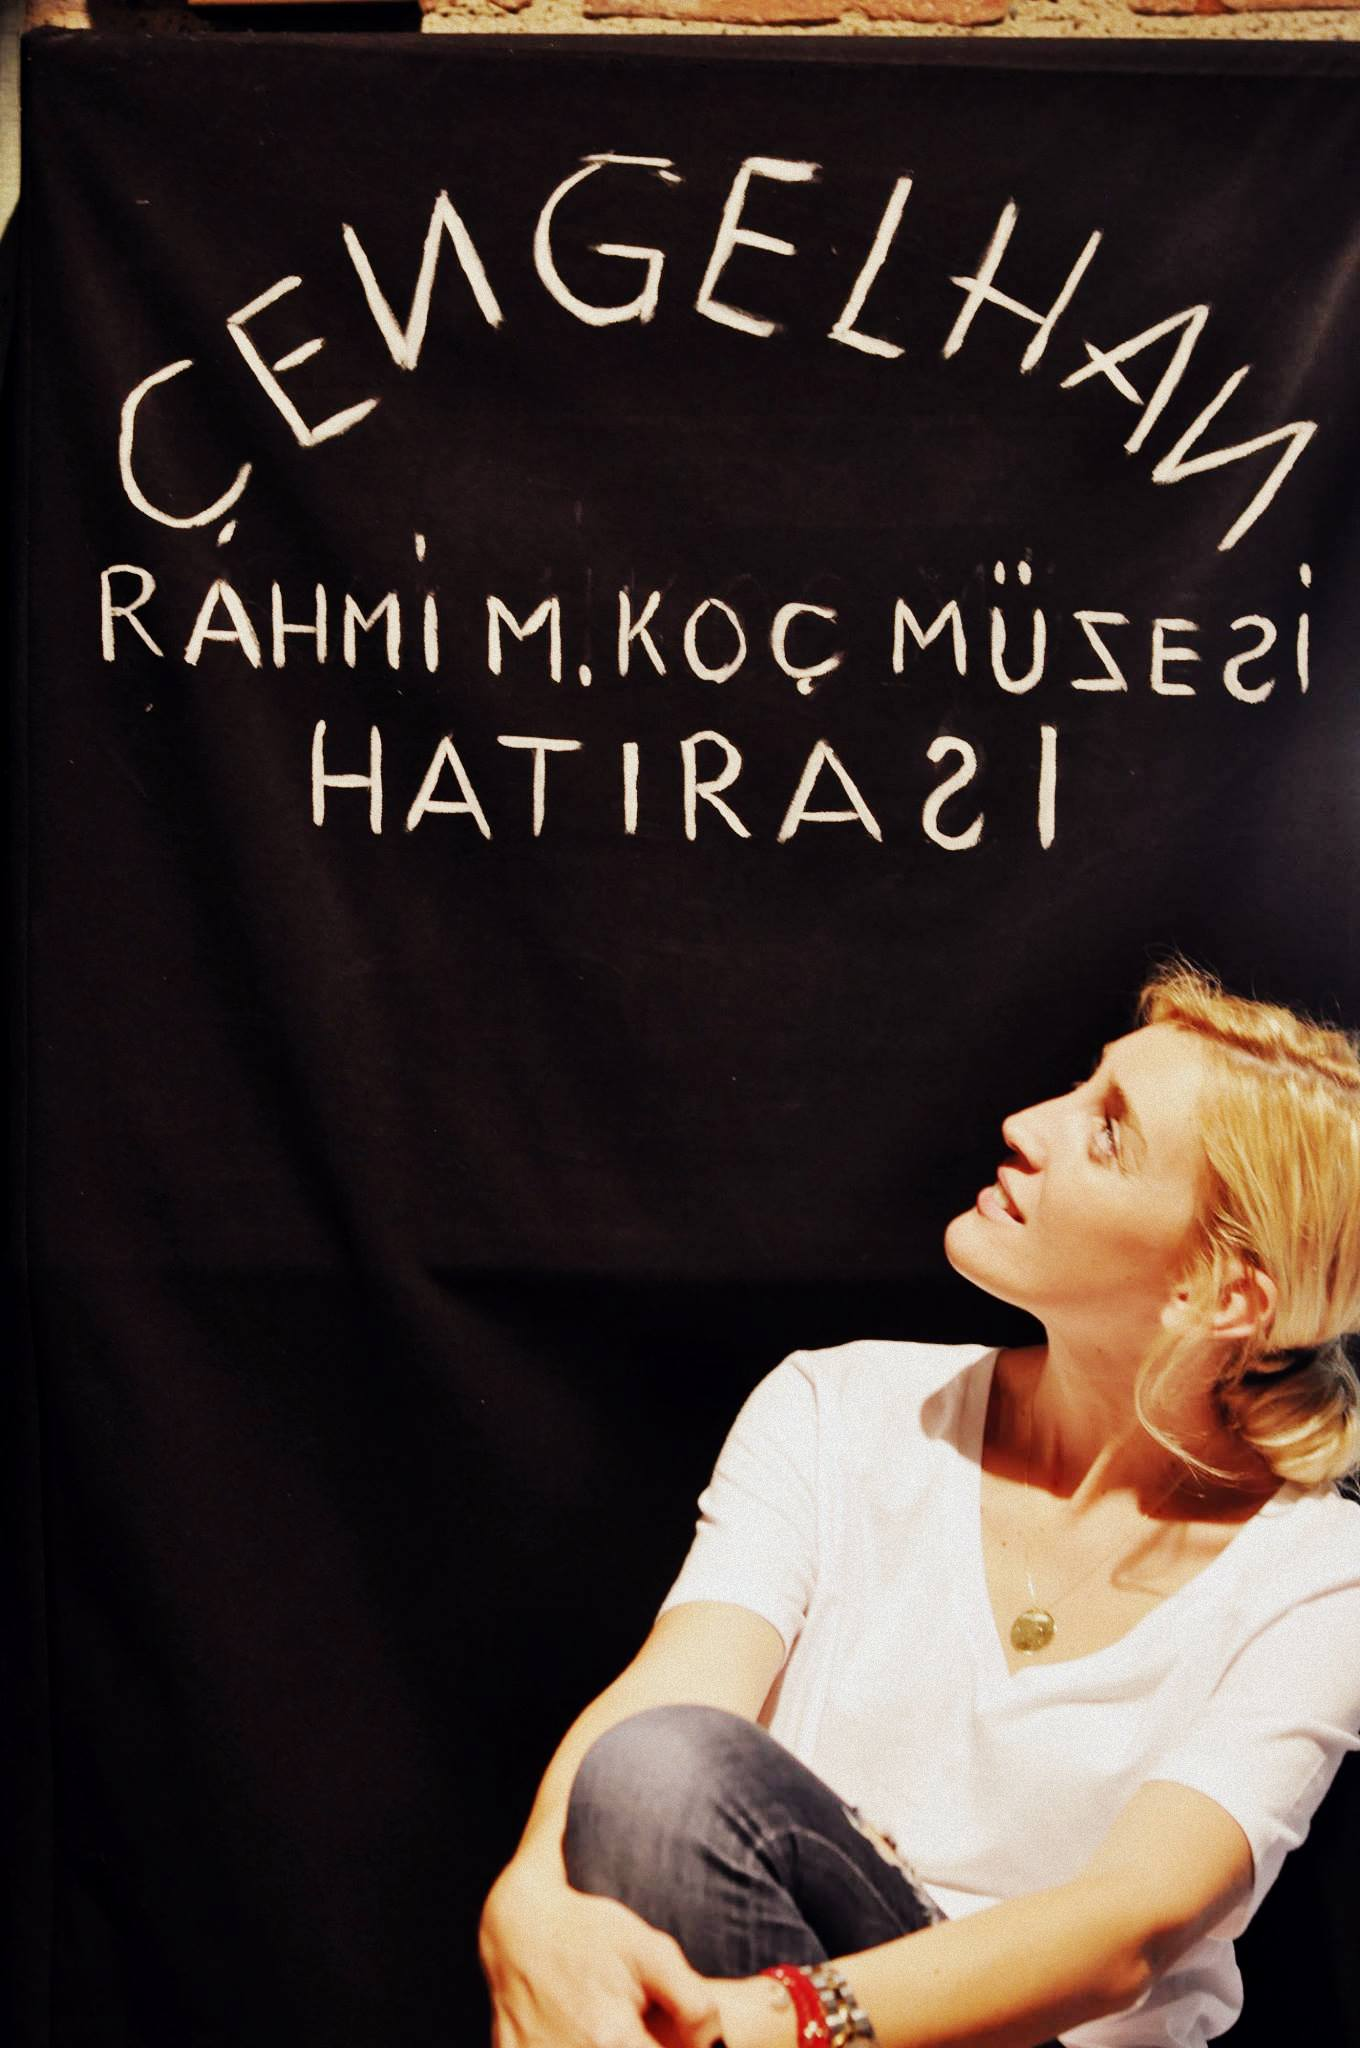 rahmi_mustafa_koc_muzesi_cengelhan_ankara_ataturk_vehbi_koc_muze_ziyaret_burcu_ozcan(12)